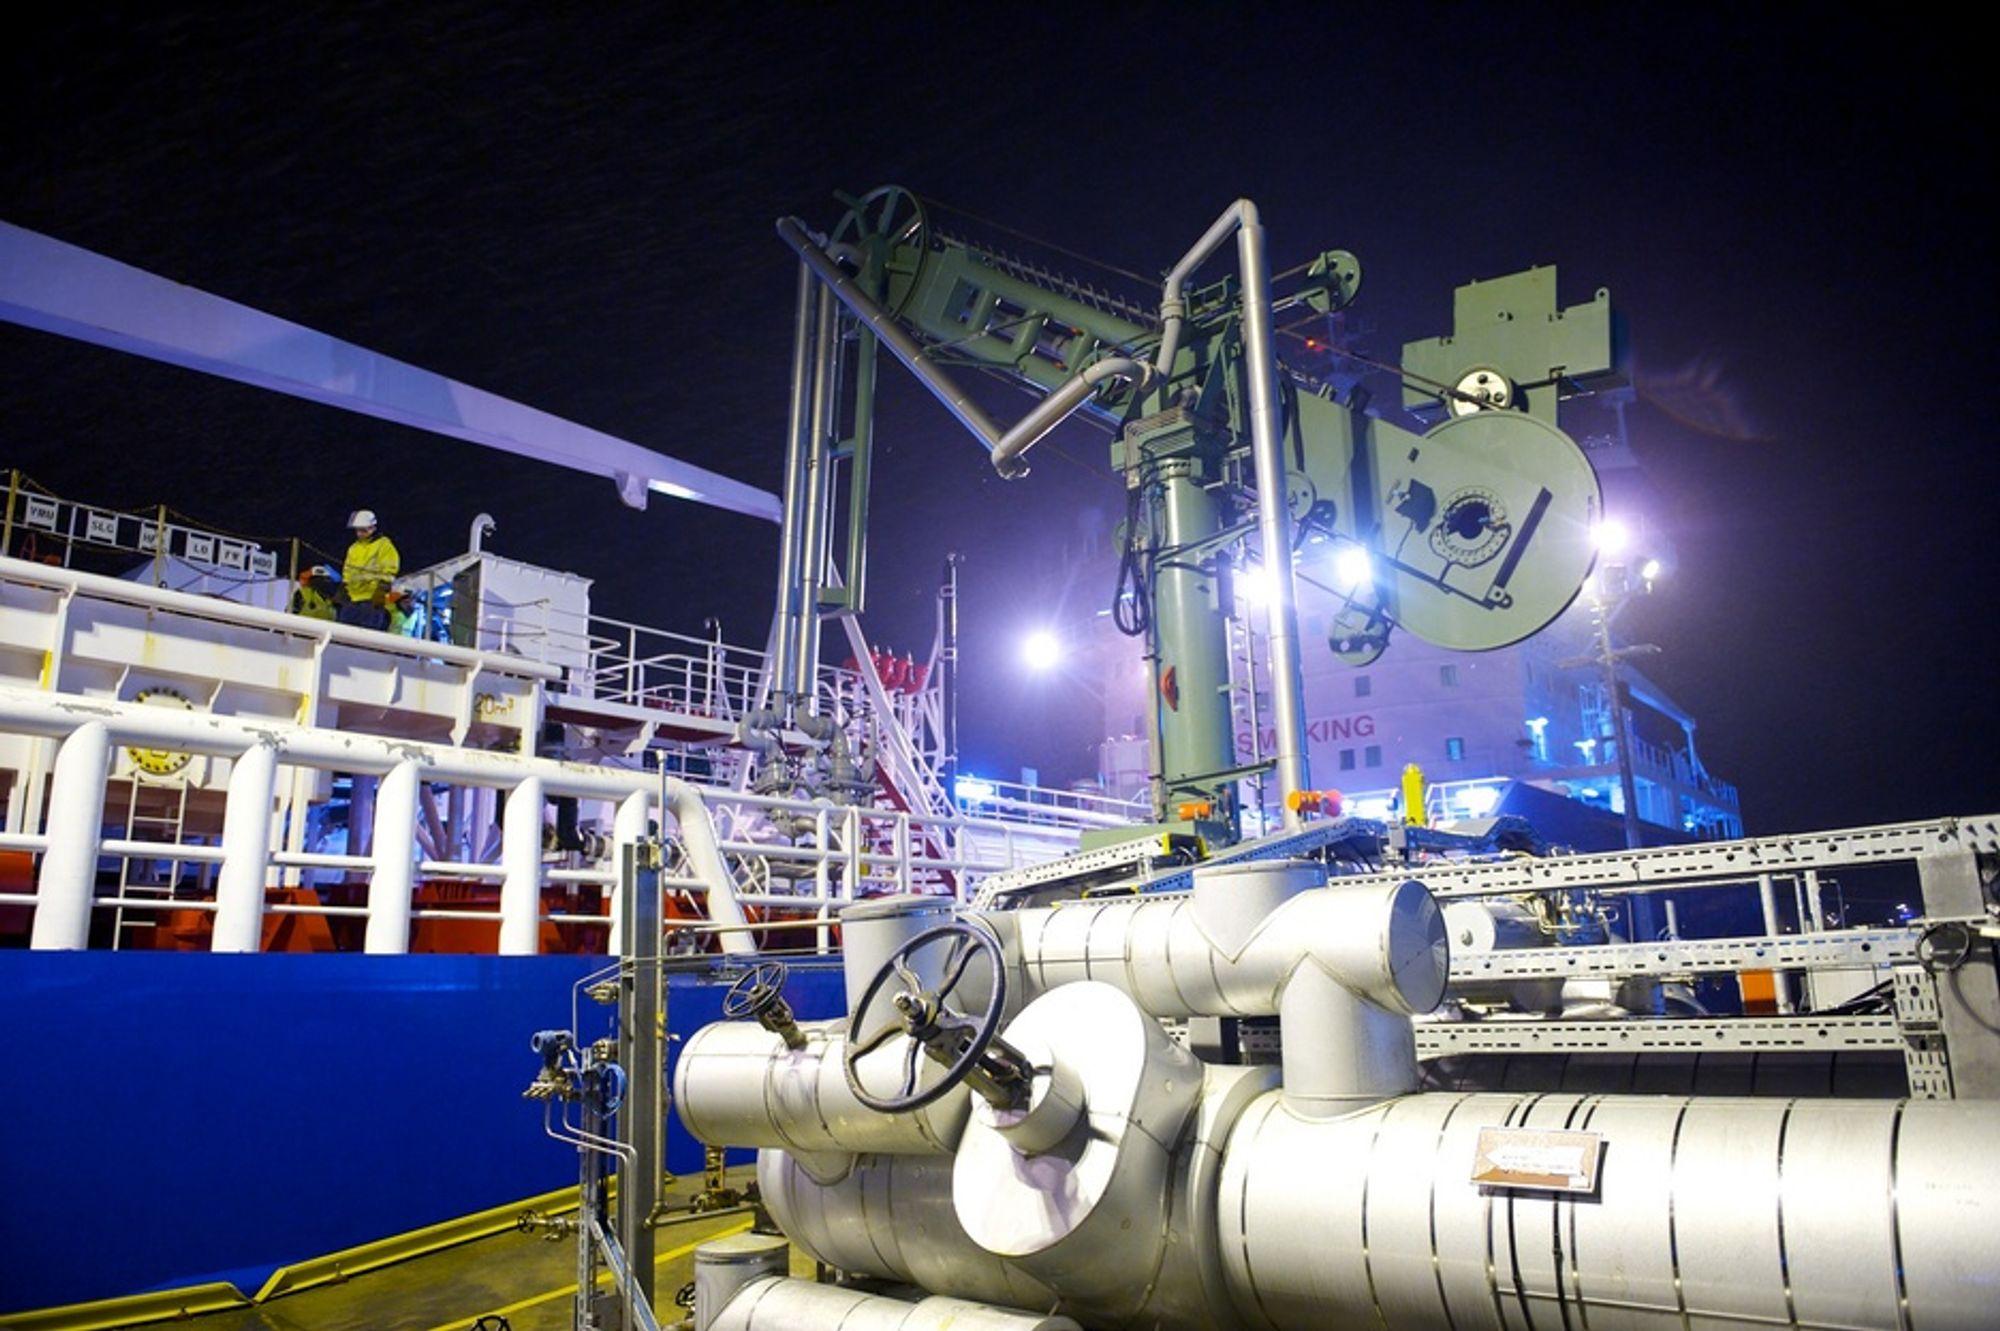 LETT BUNKER: I stedet for tungolje bunkrer Bit Viking nå LNG. Det reduserer skadelige utslipp med 85 prosent.